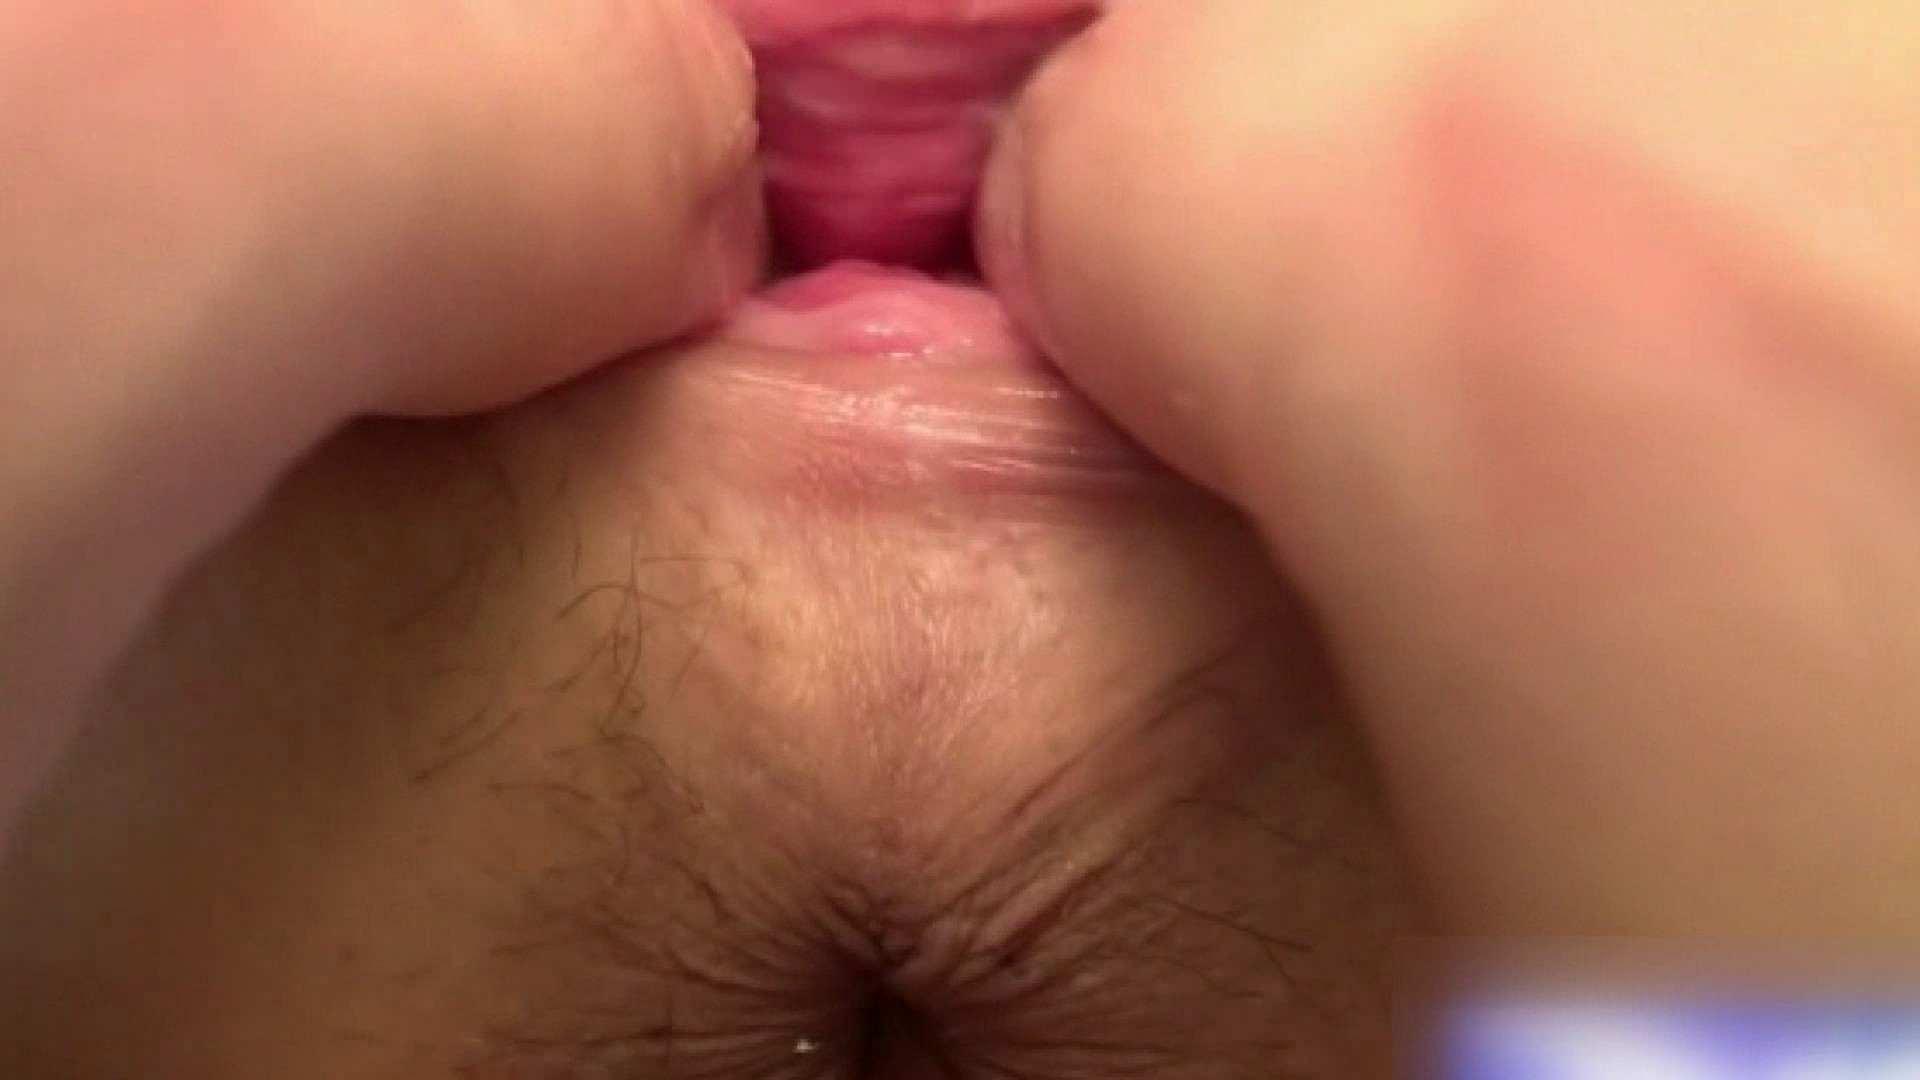 変態オナニー劇場 Vol.29 オナニーDEエッチ  75PIX 50